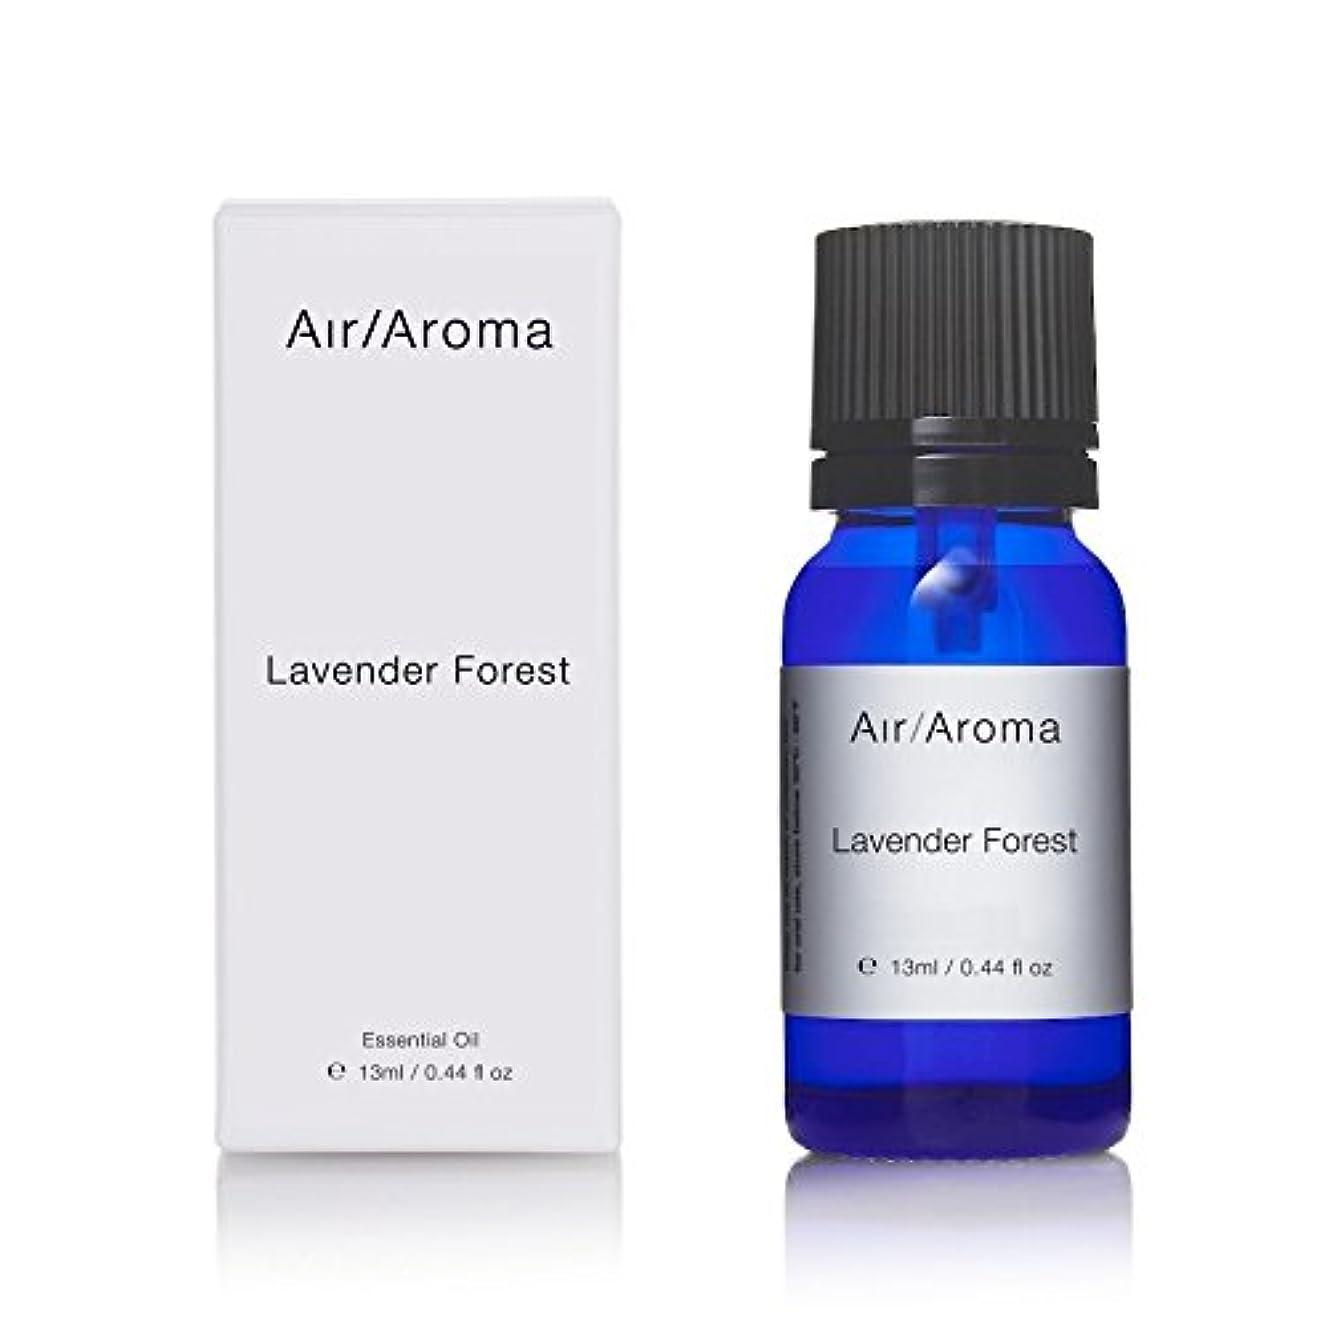 格差征服者溶けたエアアロマ lavender forest (ラベンダーフォレスト) 13ml